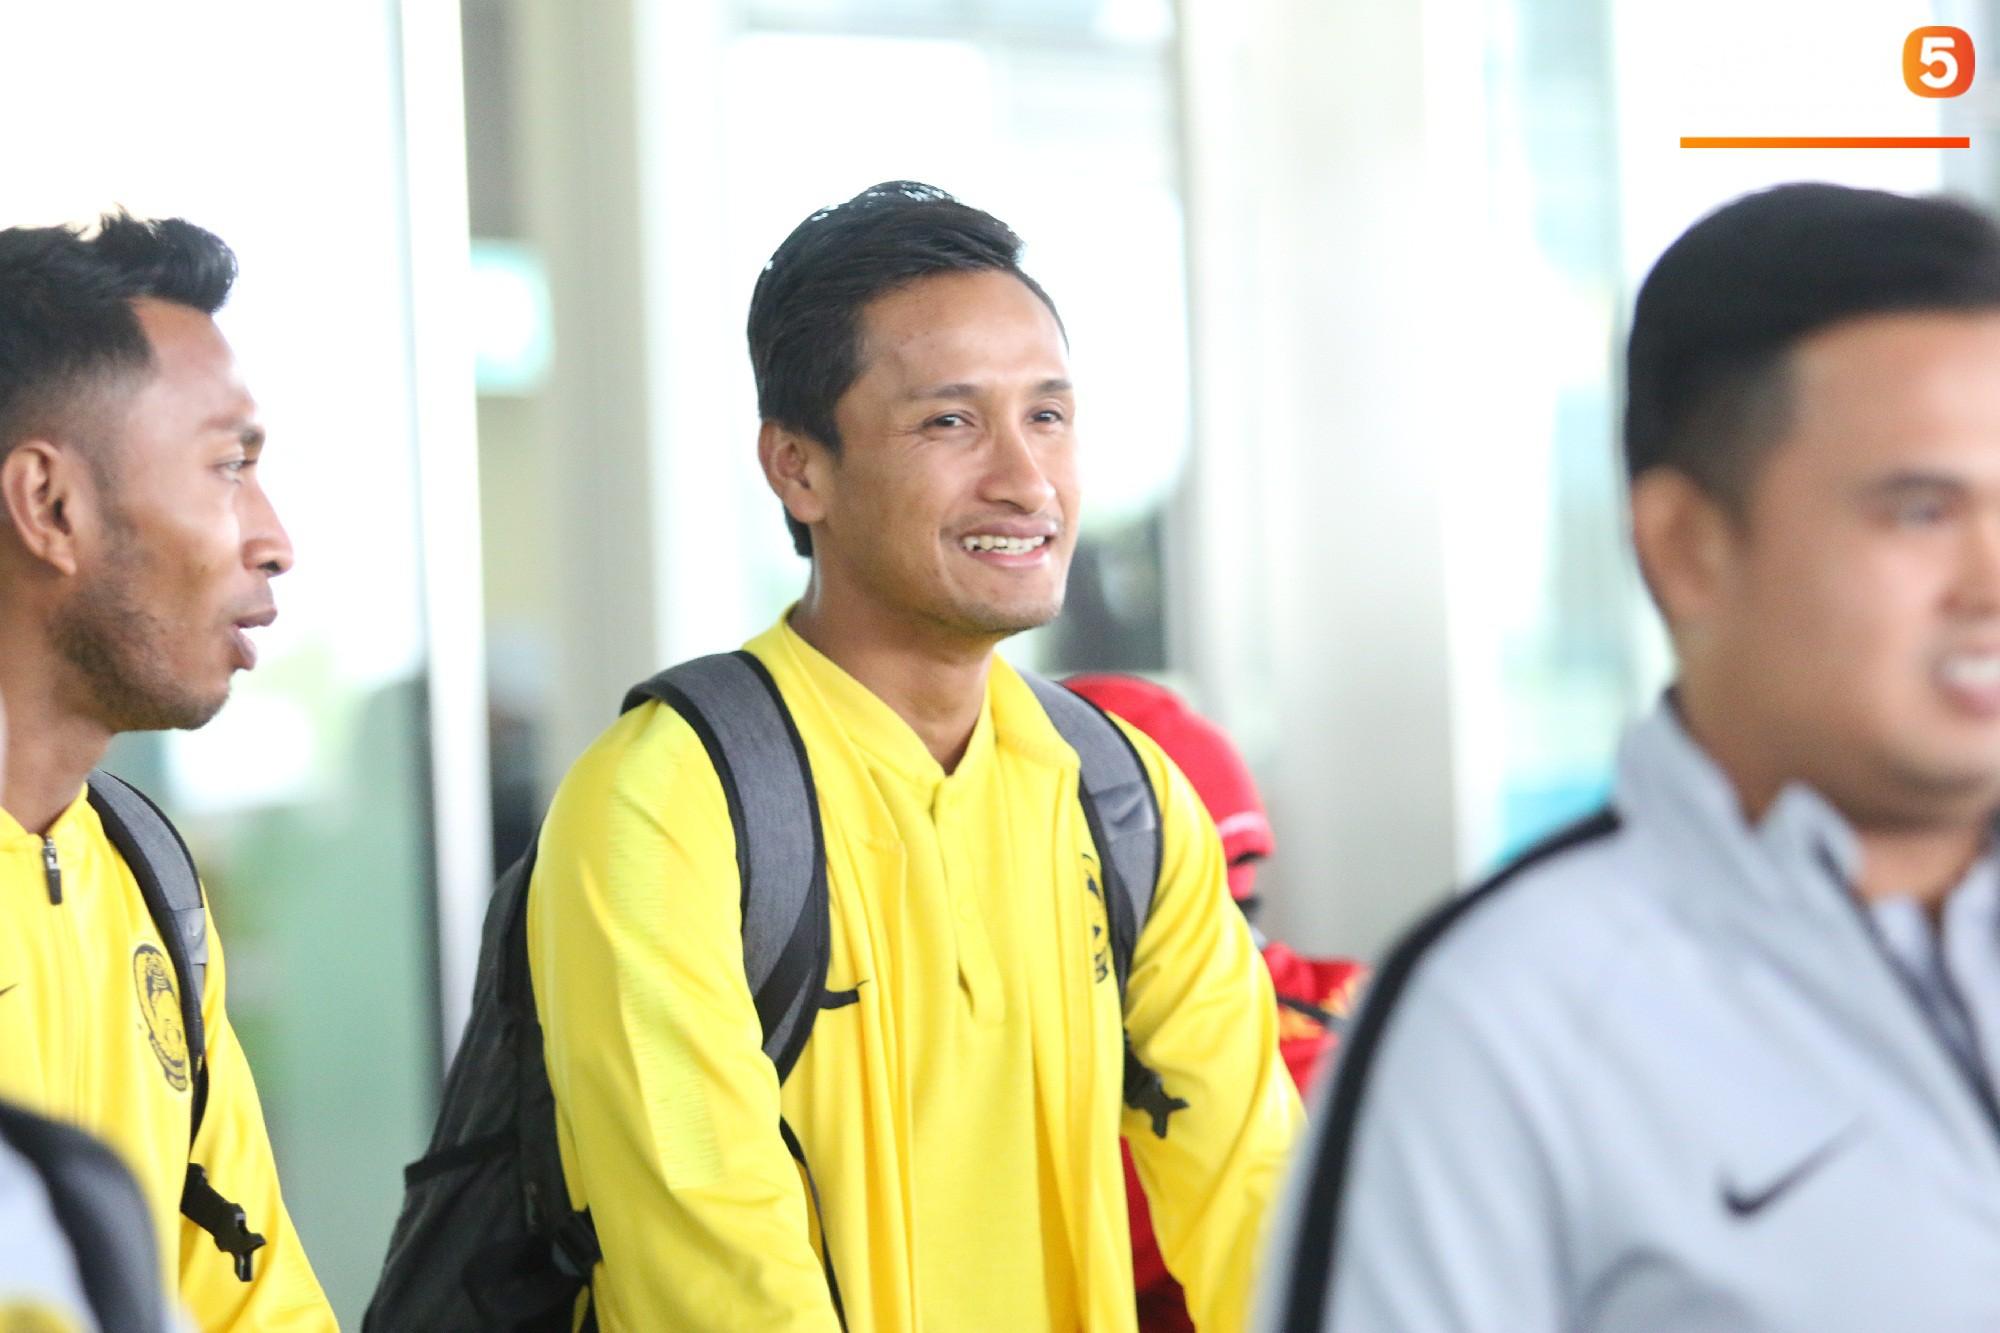 HLV trưởng Malaysia đi cùng người phụ nữ bí ẩn sang Việt Nam đá trận chung kết AFF Cup 2018 - Ảnh 4.